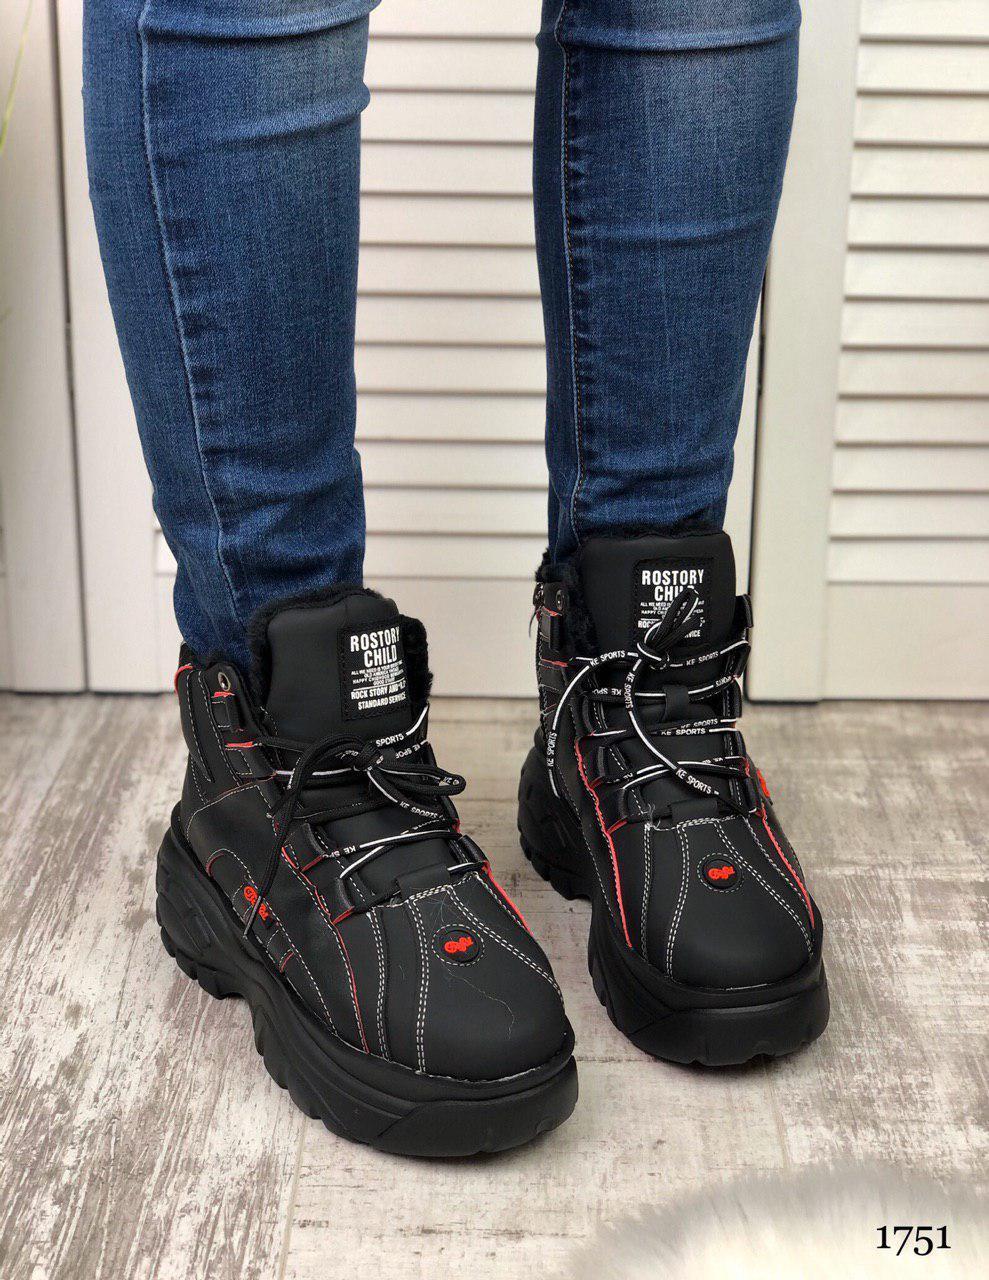 """Ботинки женские зимние, черного цвета из эко кожи """"1751"""". Черевики жіночі. Ботинки теплые"""